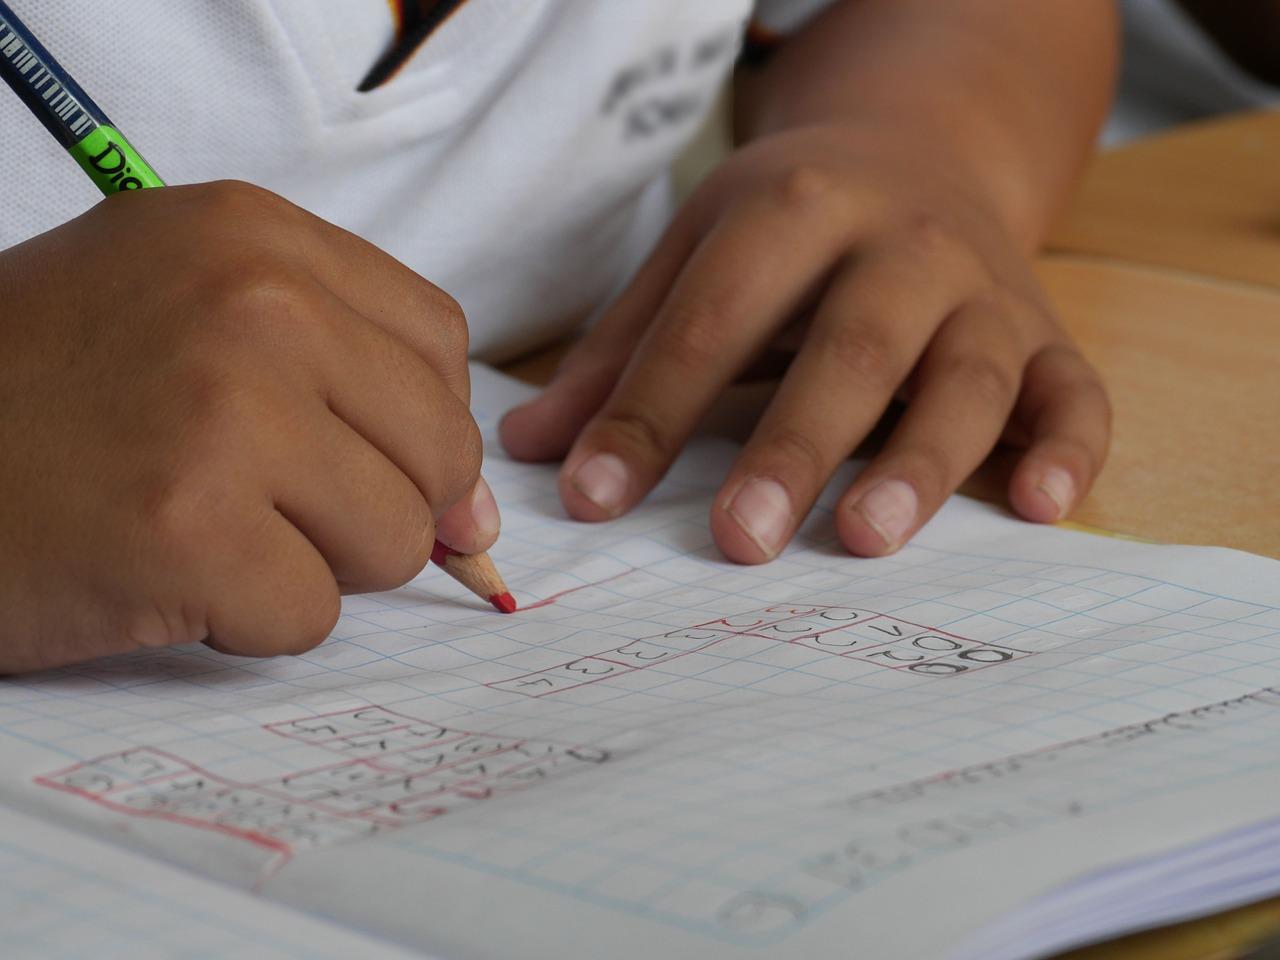 Comment bien faire apprendre une leçon à son enfant ?